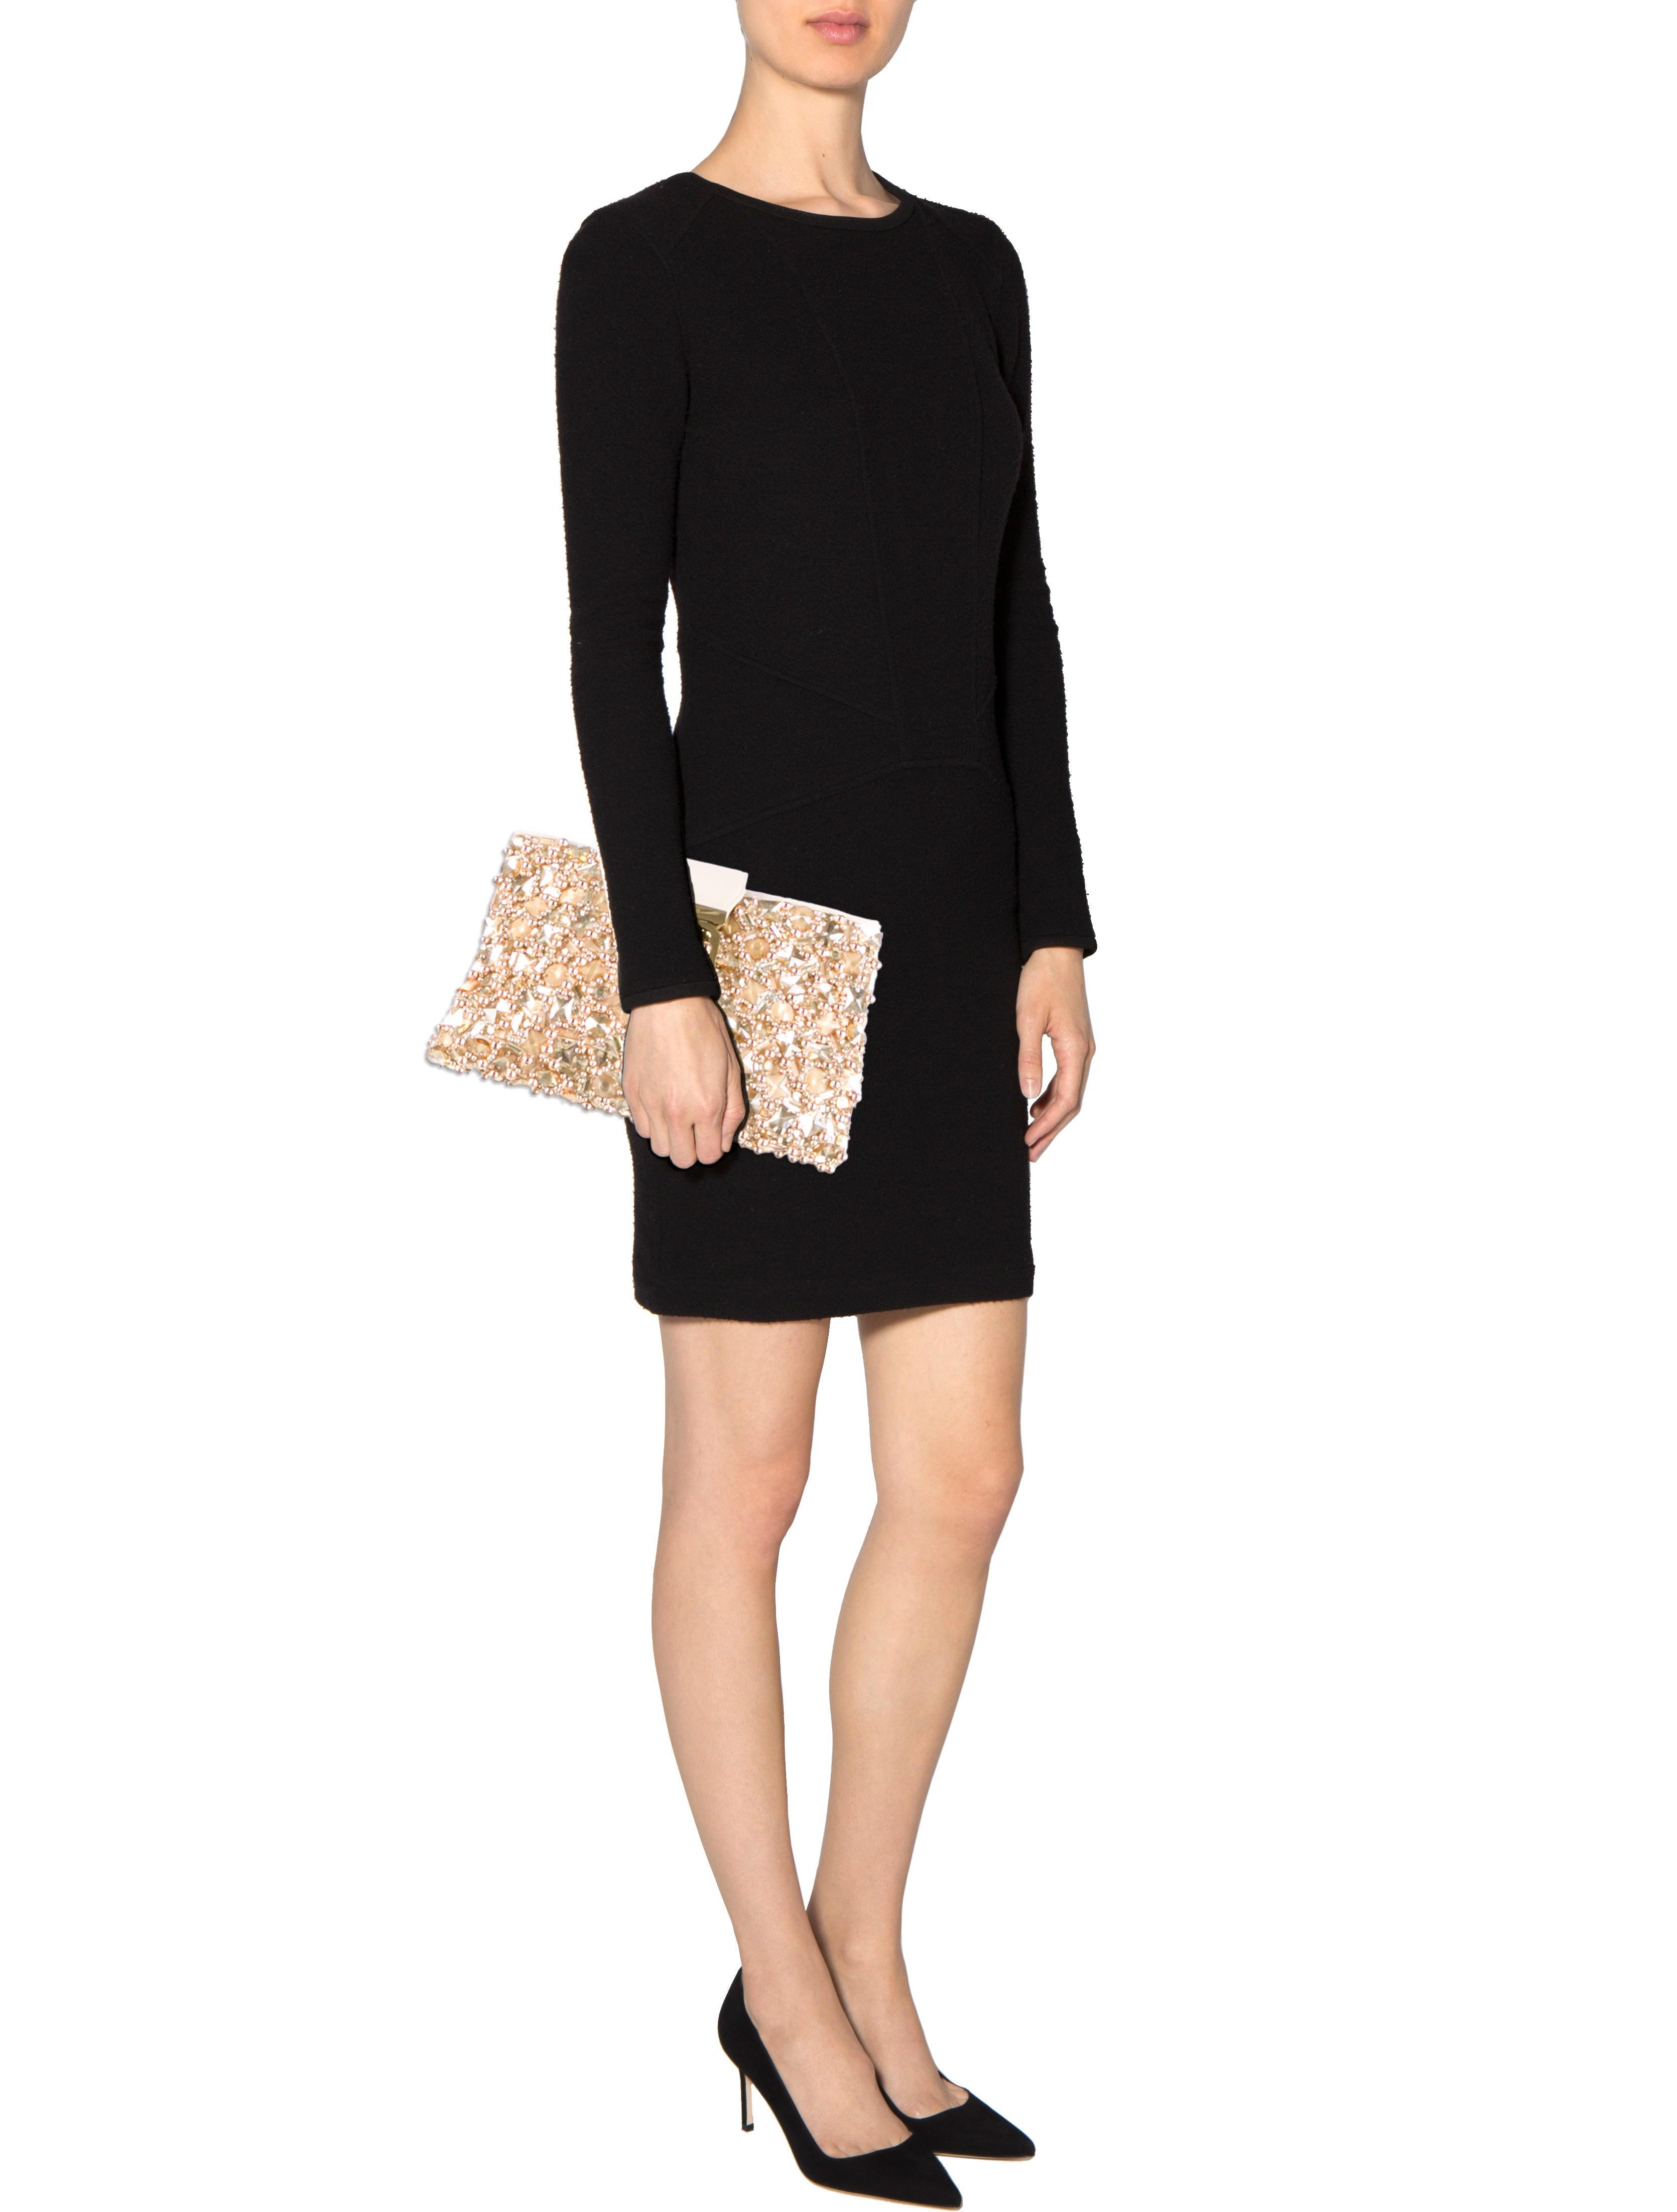 chloe pink handbag - chloe embellished elsie clutch, wholesale chloe bags